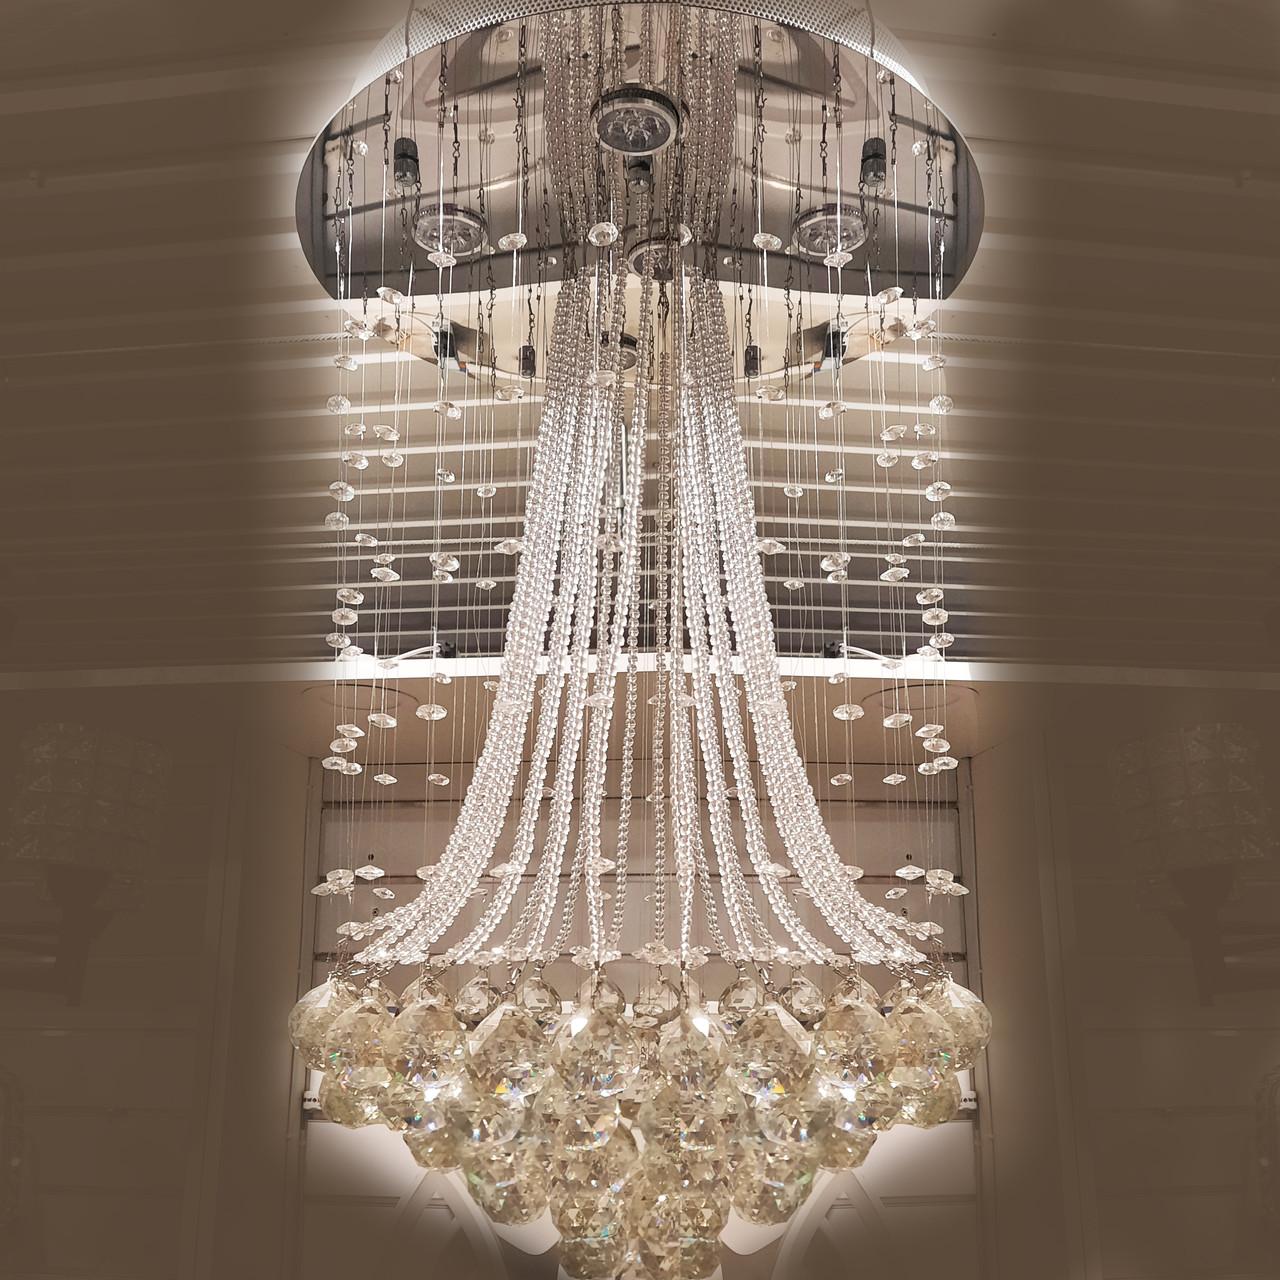 Люстра декоративная хрустальная каскад на 6 лампочек 3161-6